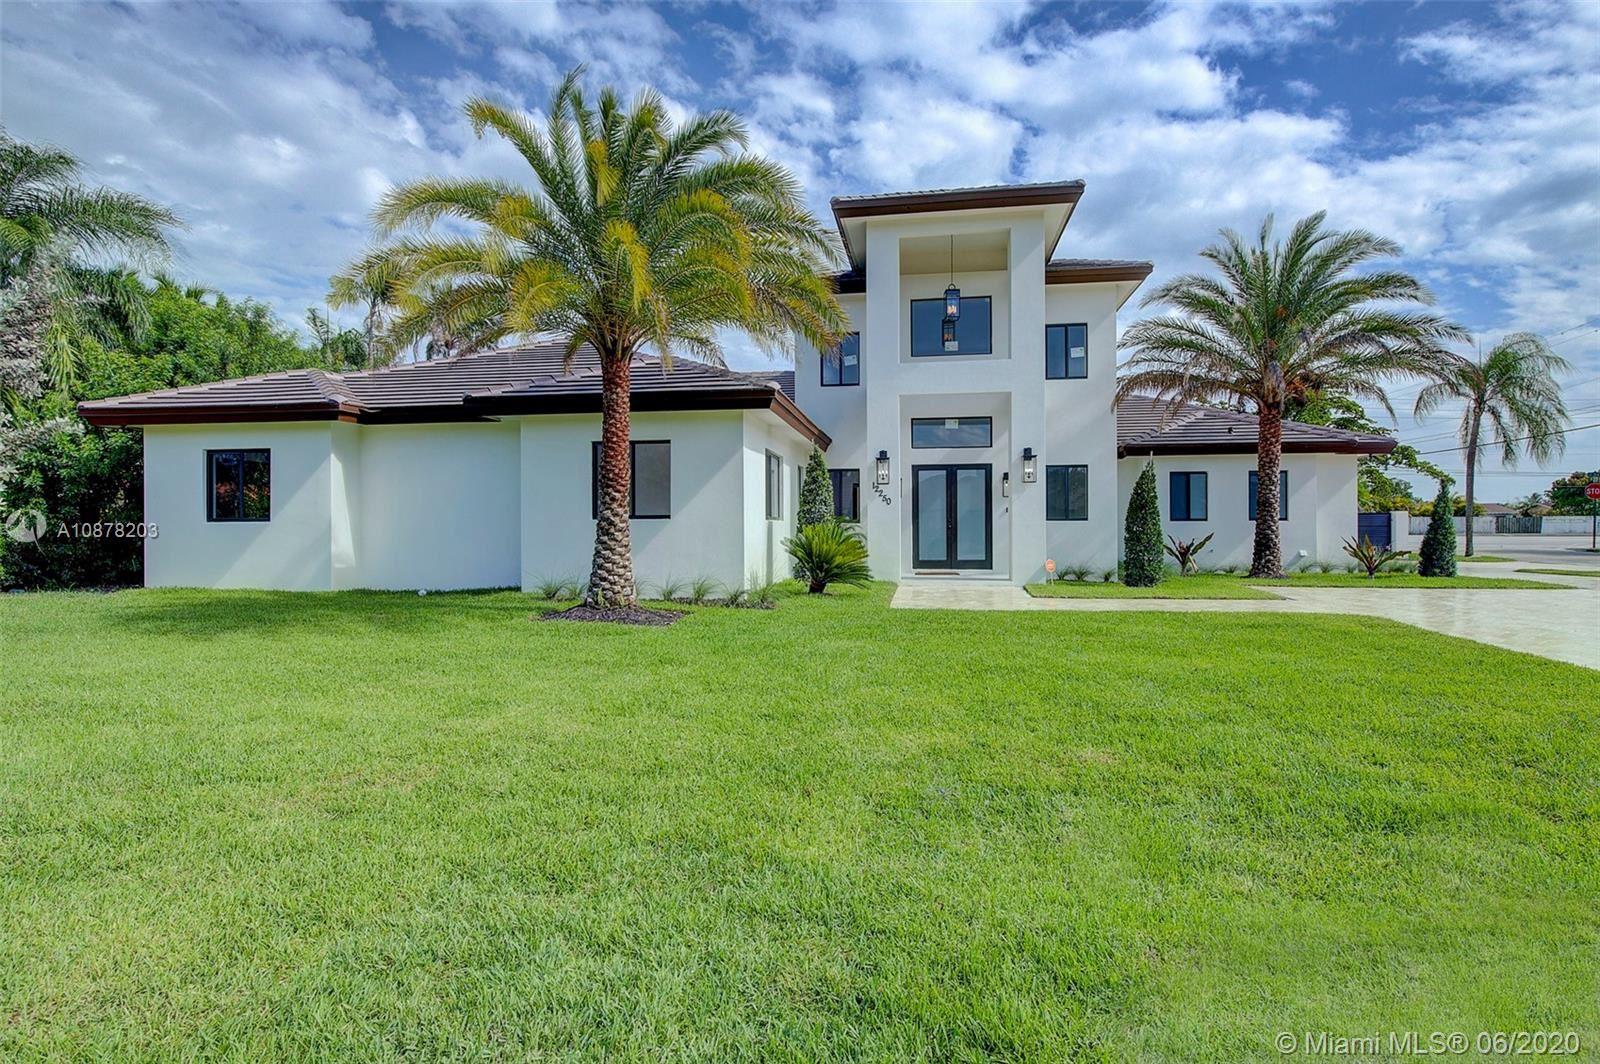 12250 SW 103rd Ter, Miami, FL 33186 - #: A10878203